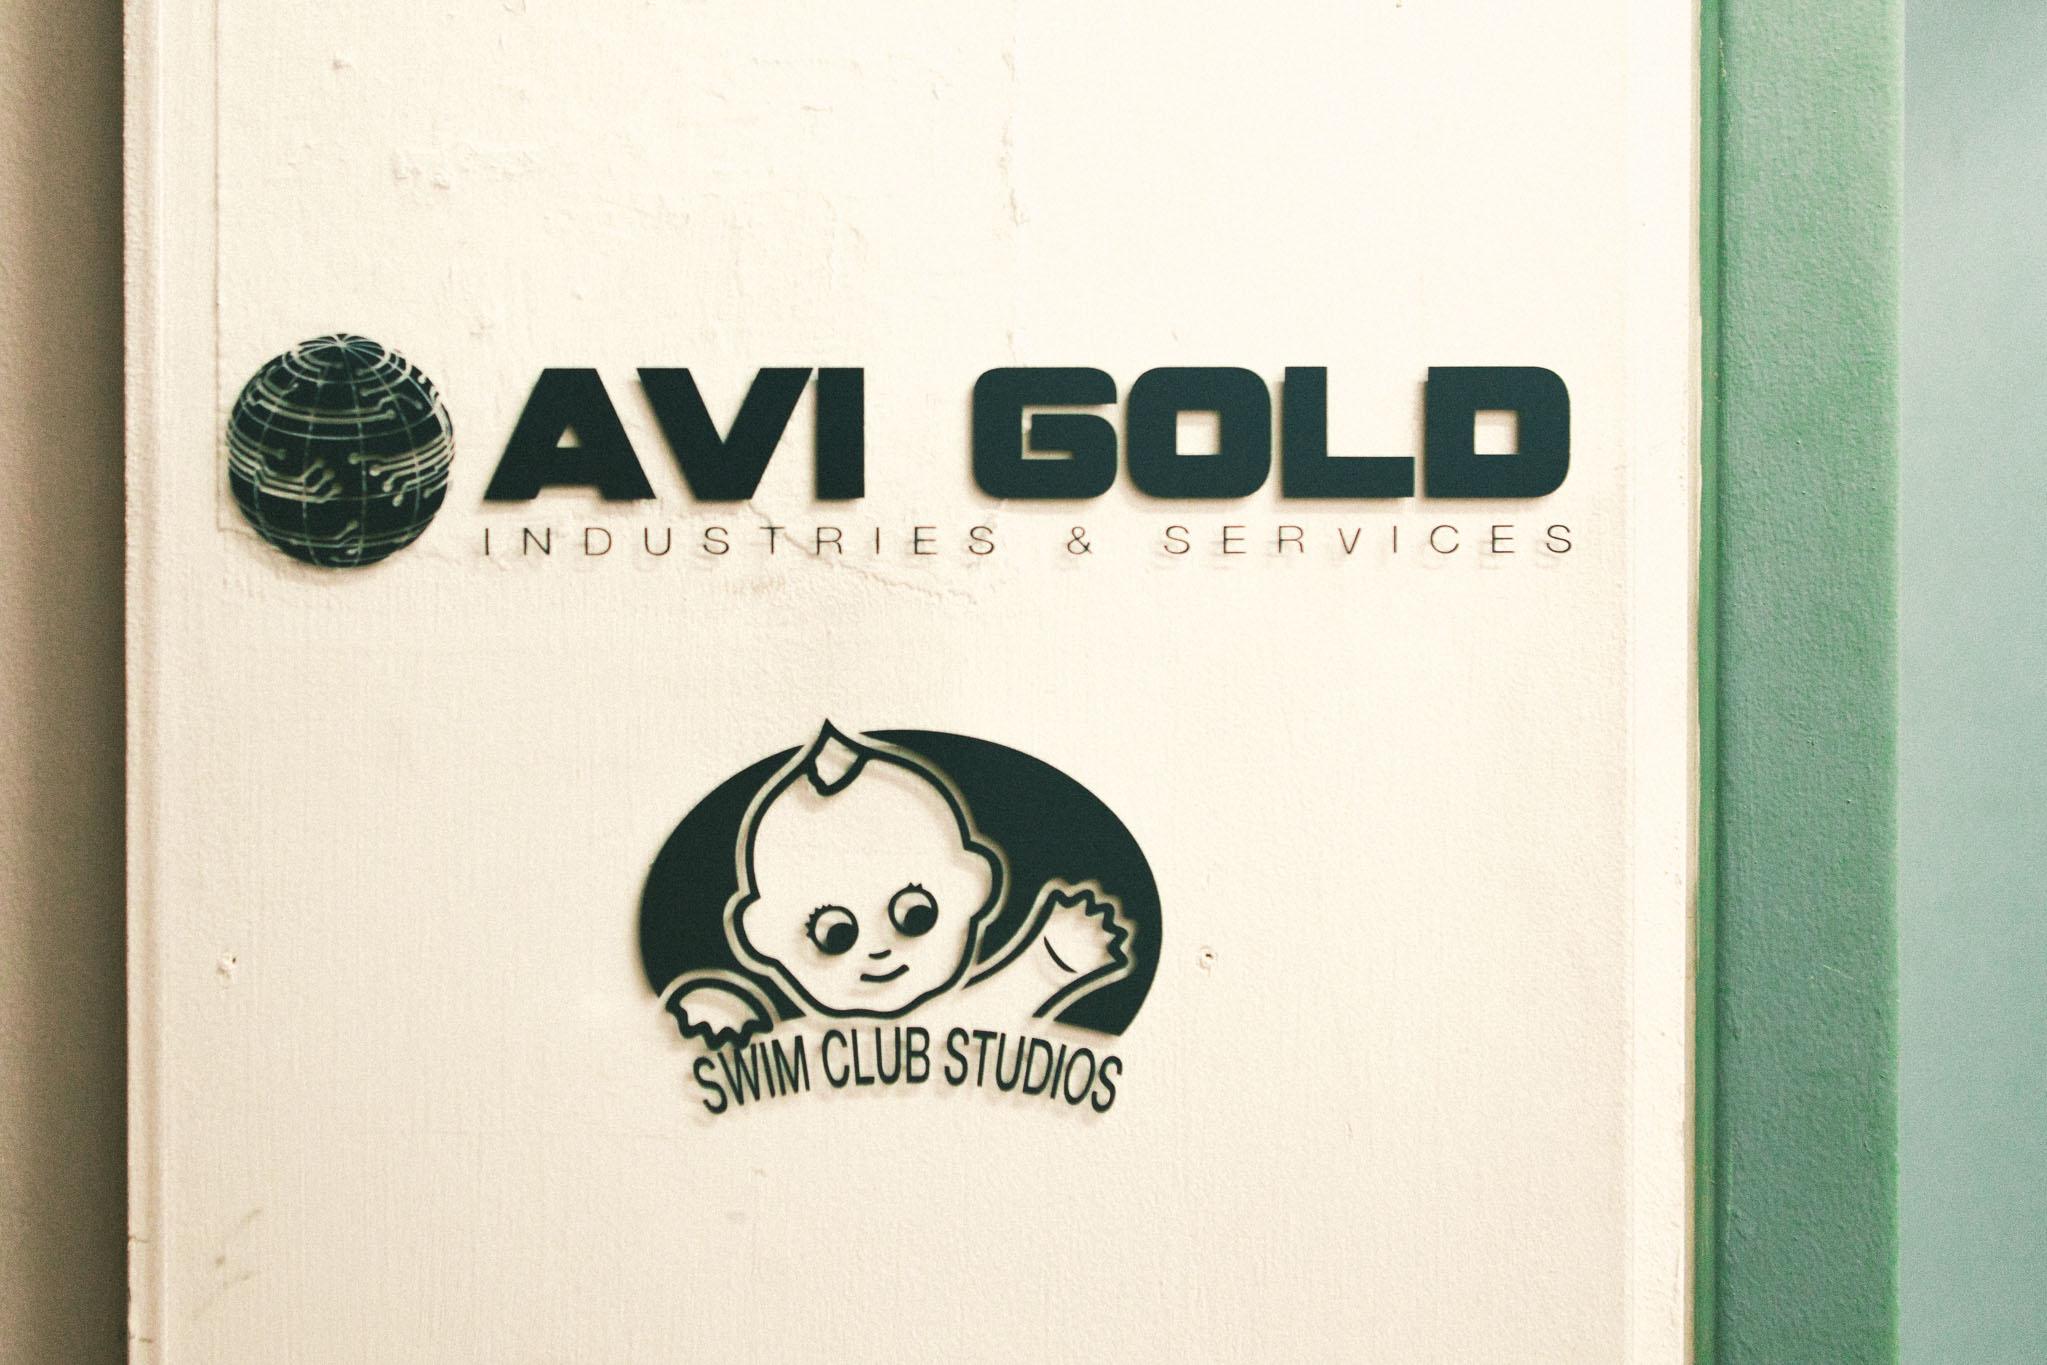 avi-gold-0028.jpg